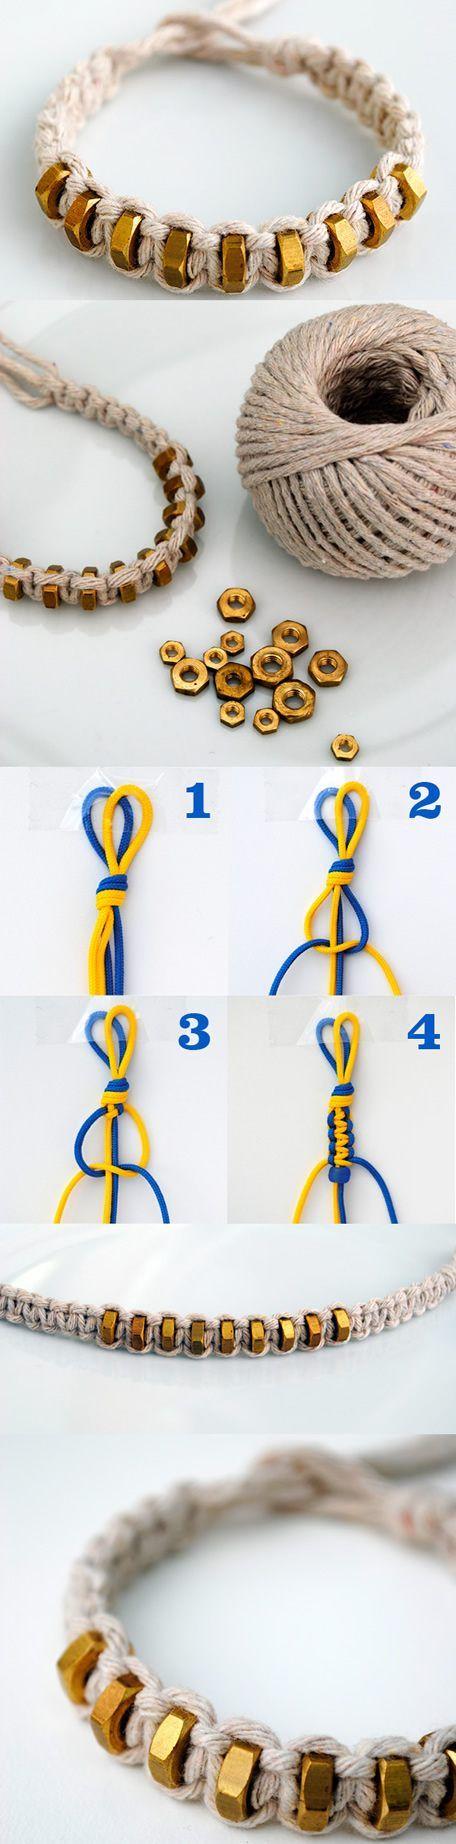 Anleitung zum Armband knüpfen Stickgarn gibt es hier in verschiedenen Farben. Source: tech.beads.us